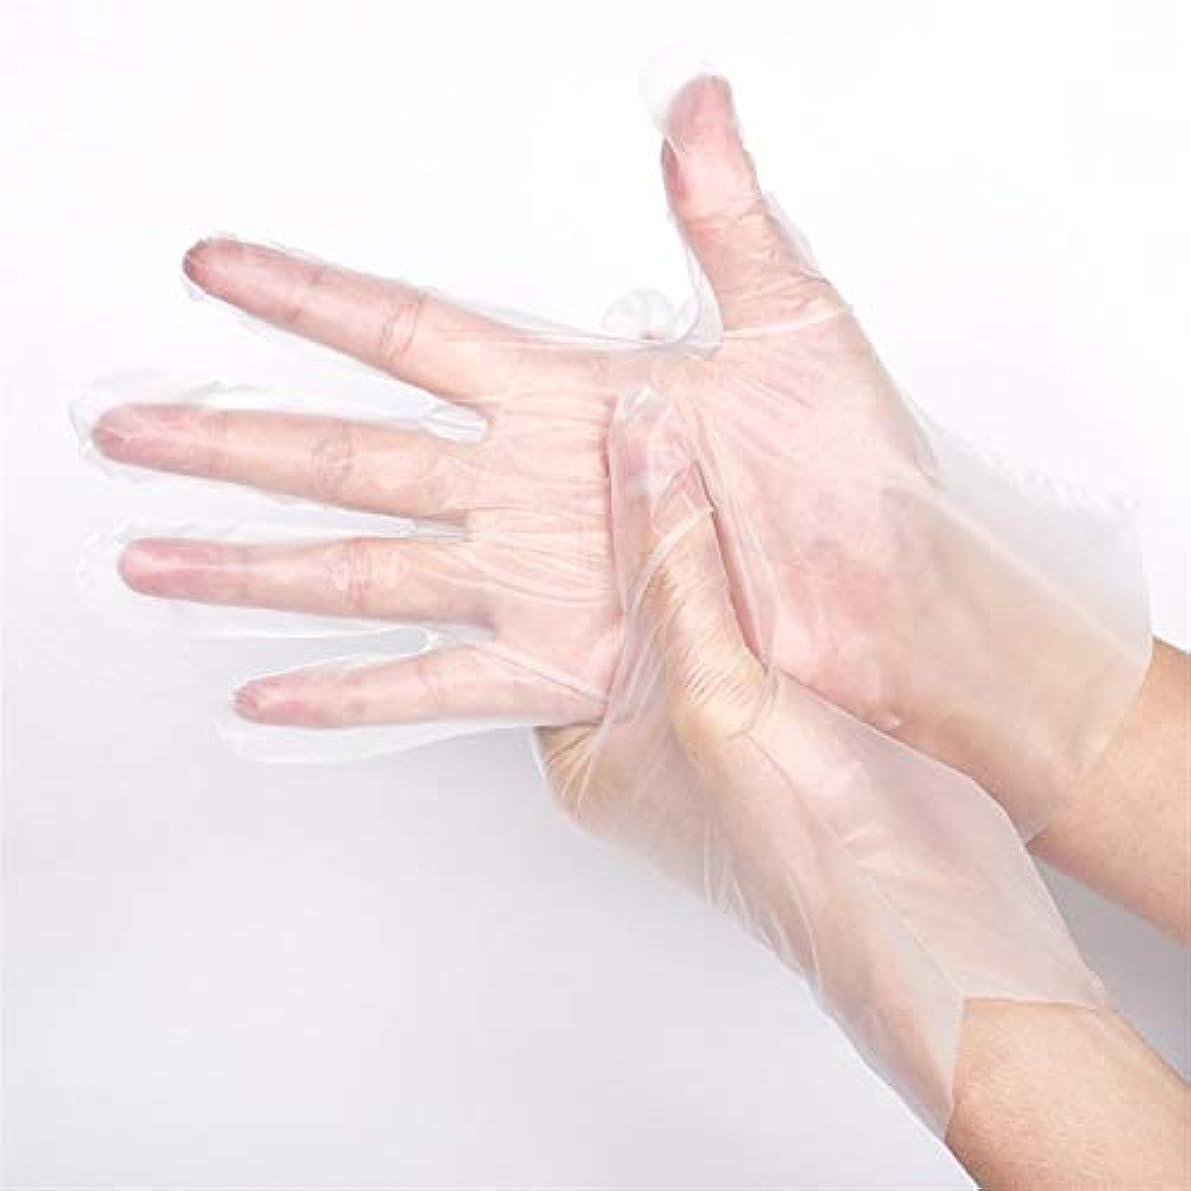 マント影響するネックレス使い捨て手袋 使い捨て手袋100厚ケータリング理髪プラスチックフィルム家庭用キッチン手袋、100 /箱 ニトリルゴム手袋 (Color : Blue, Size : M)